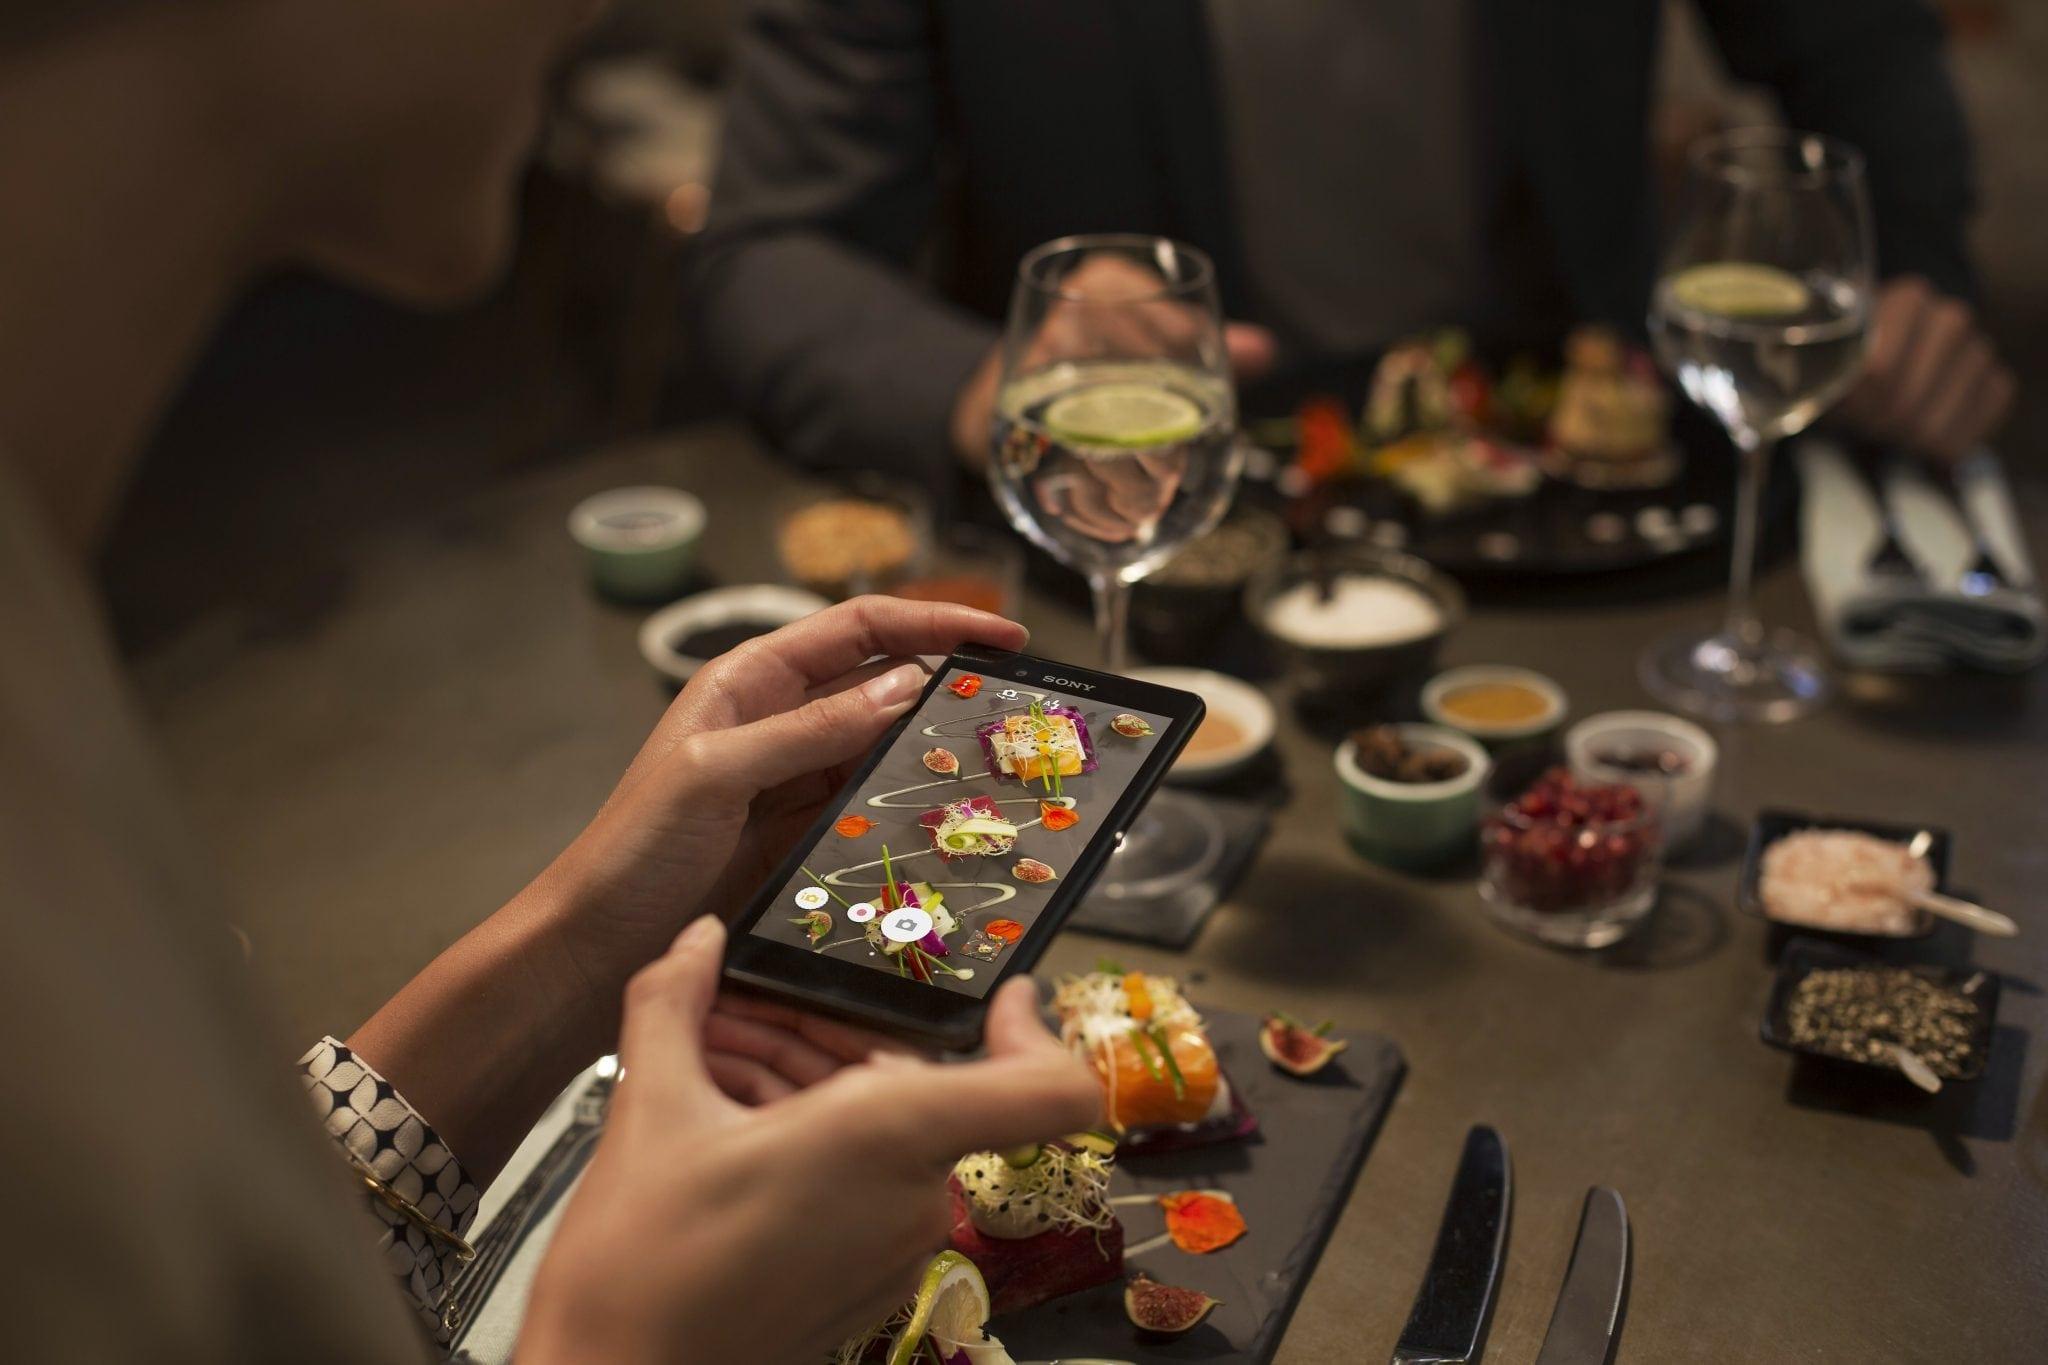 Test practic: browsere alternative pentru smartphone, iOS și Android